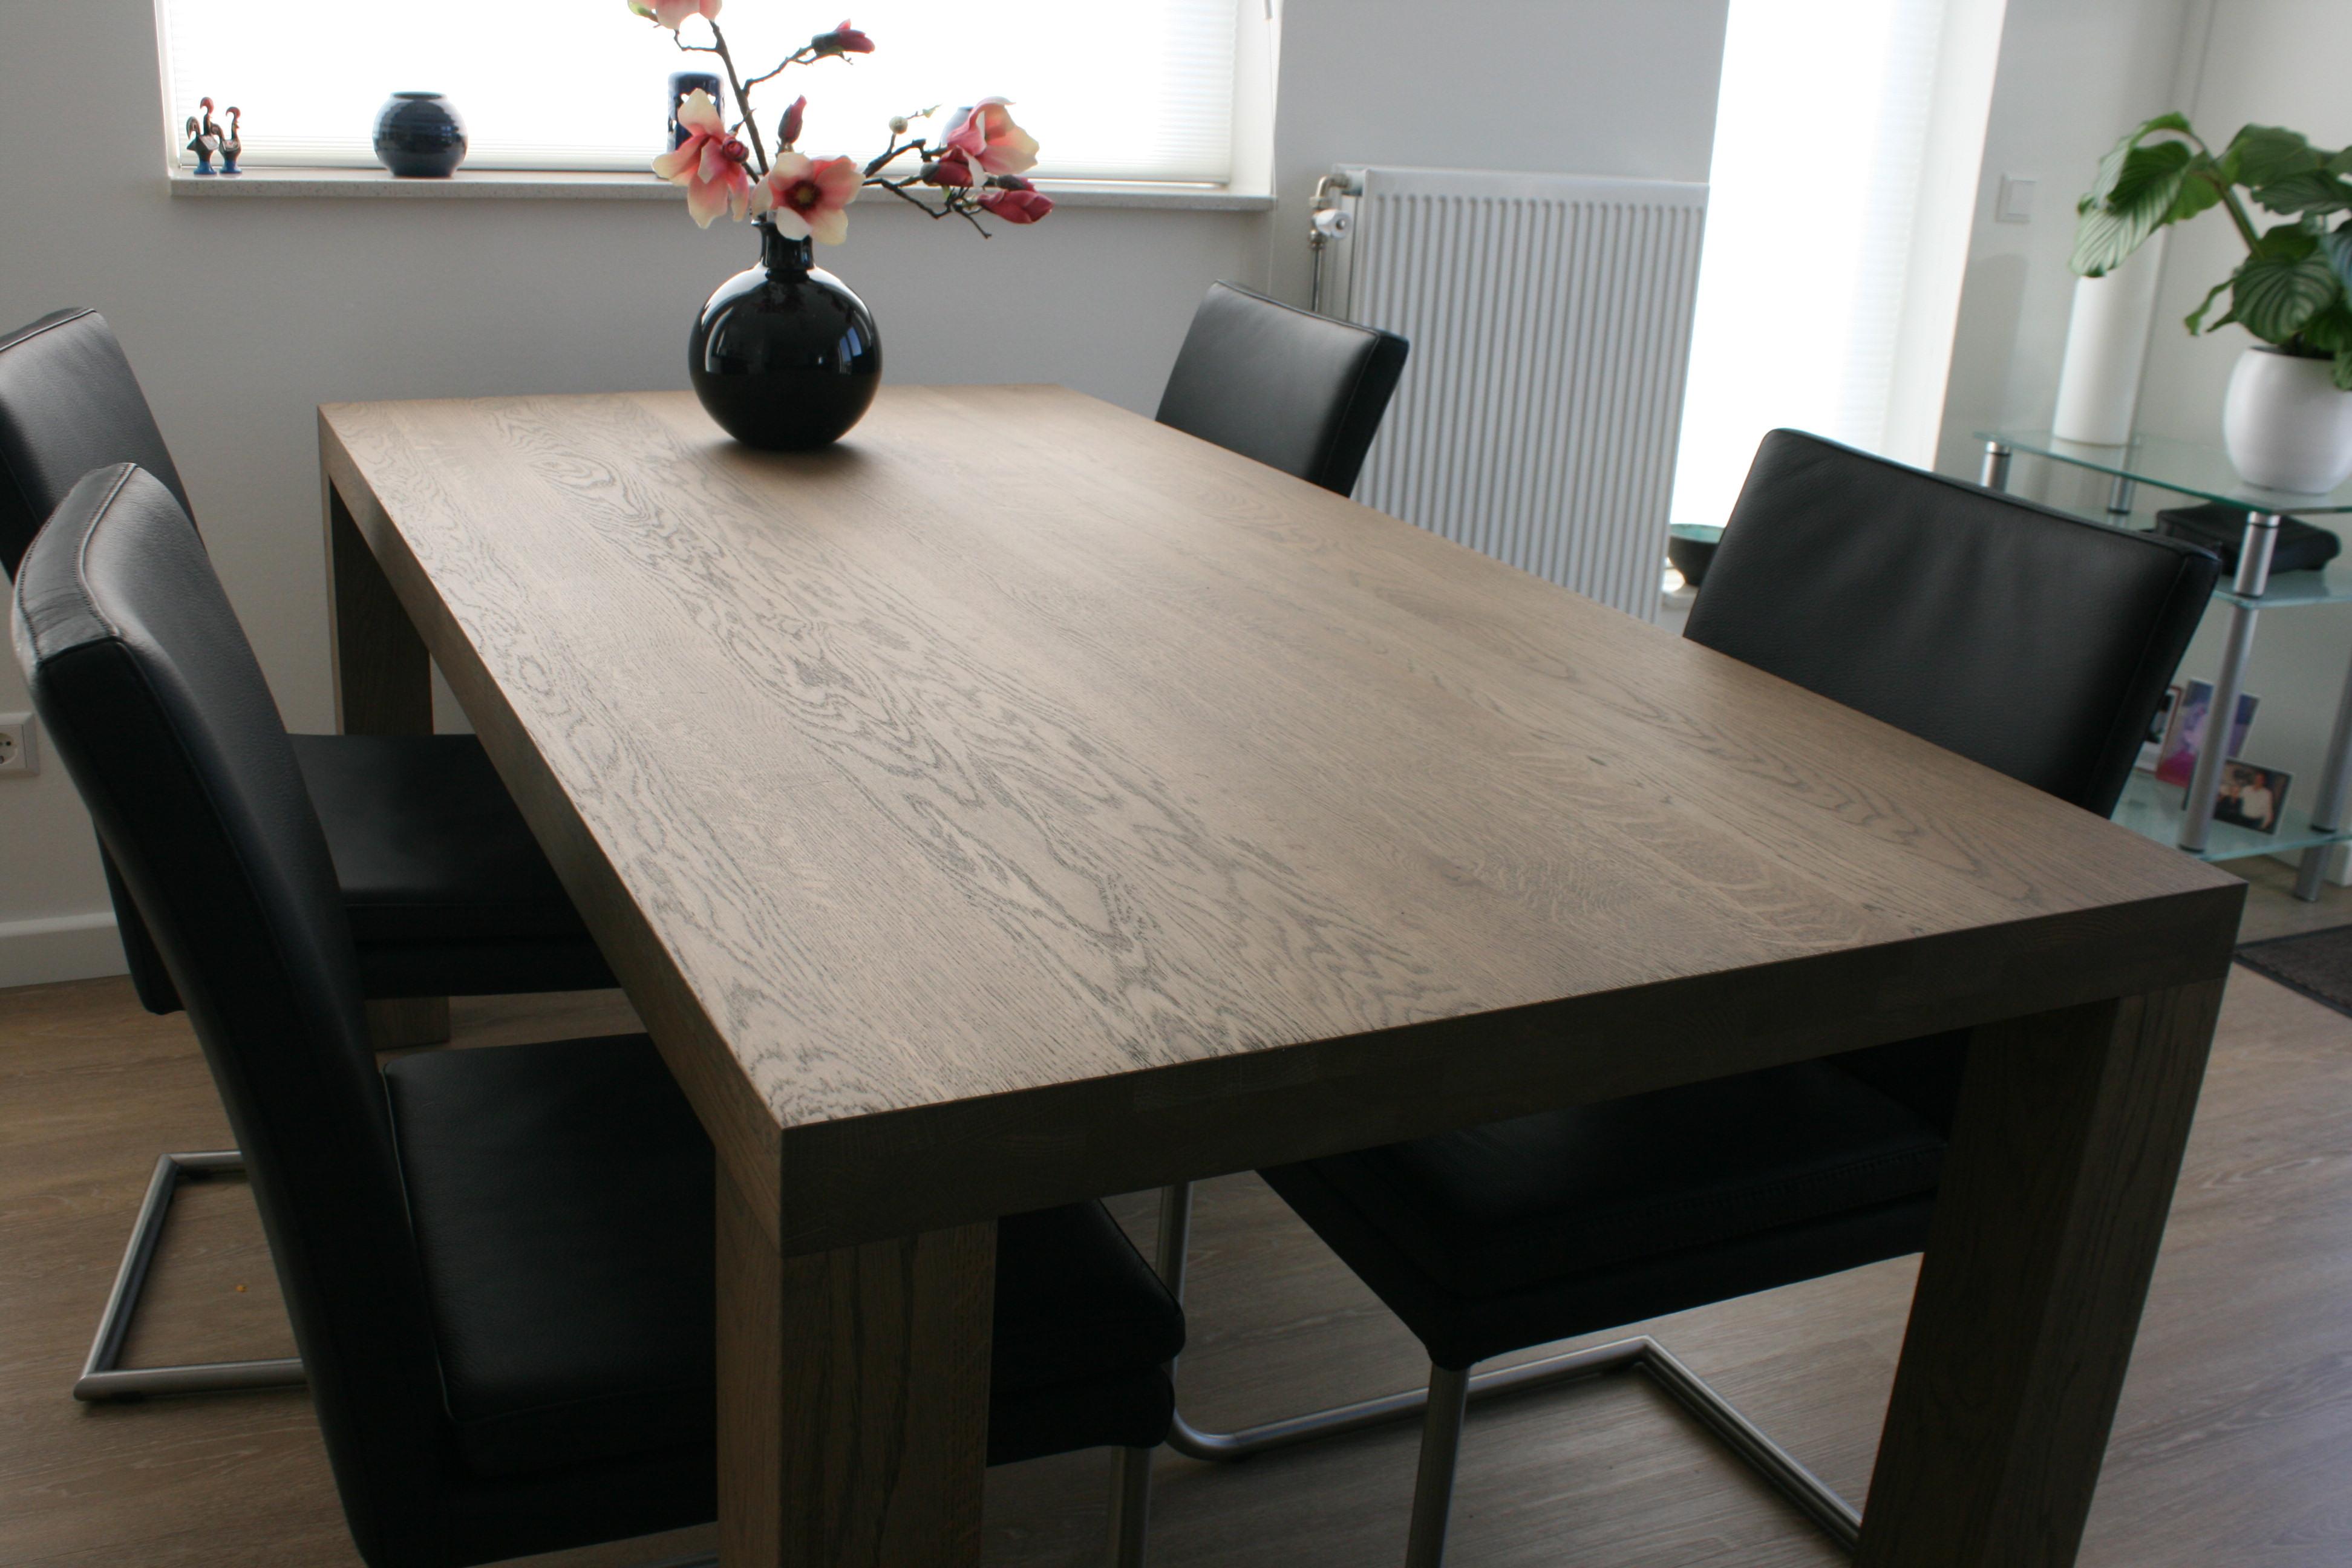 Tafels op maat meubelmakerij dw meubel ameide for Tafel op maat